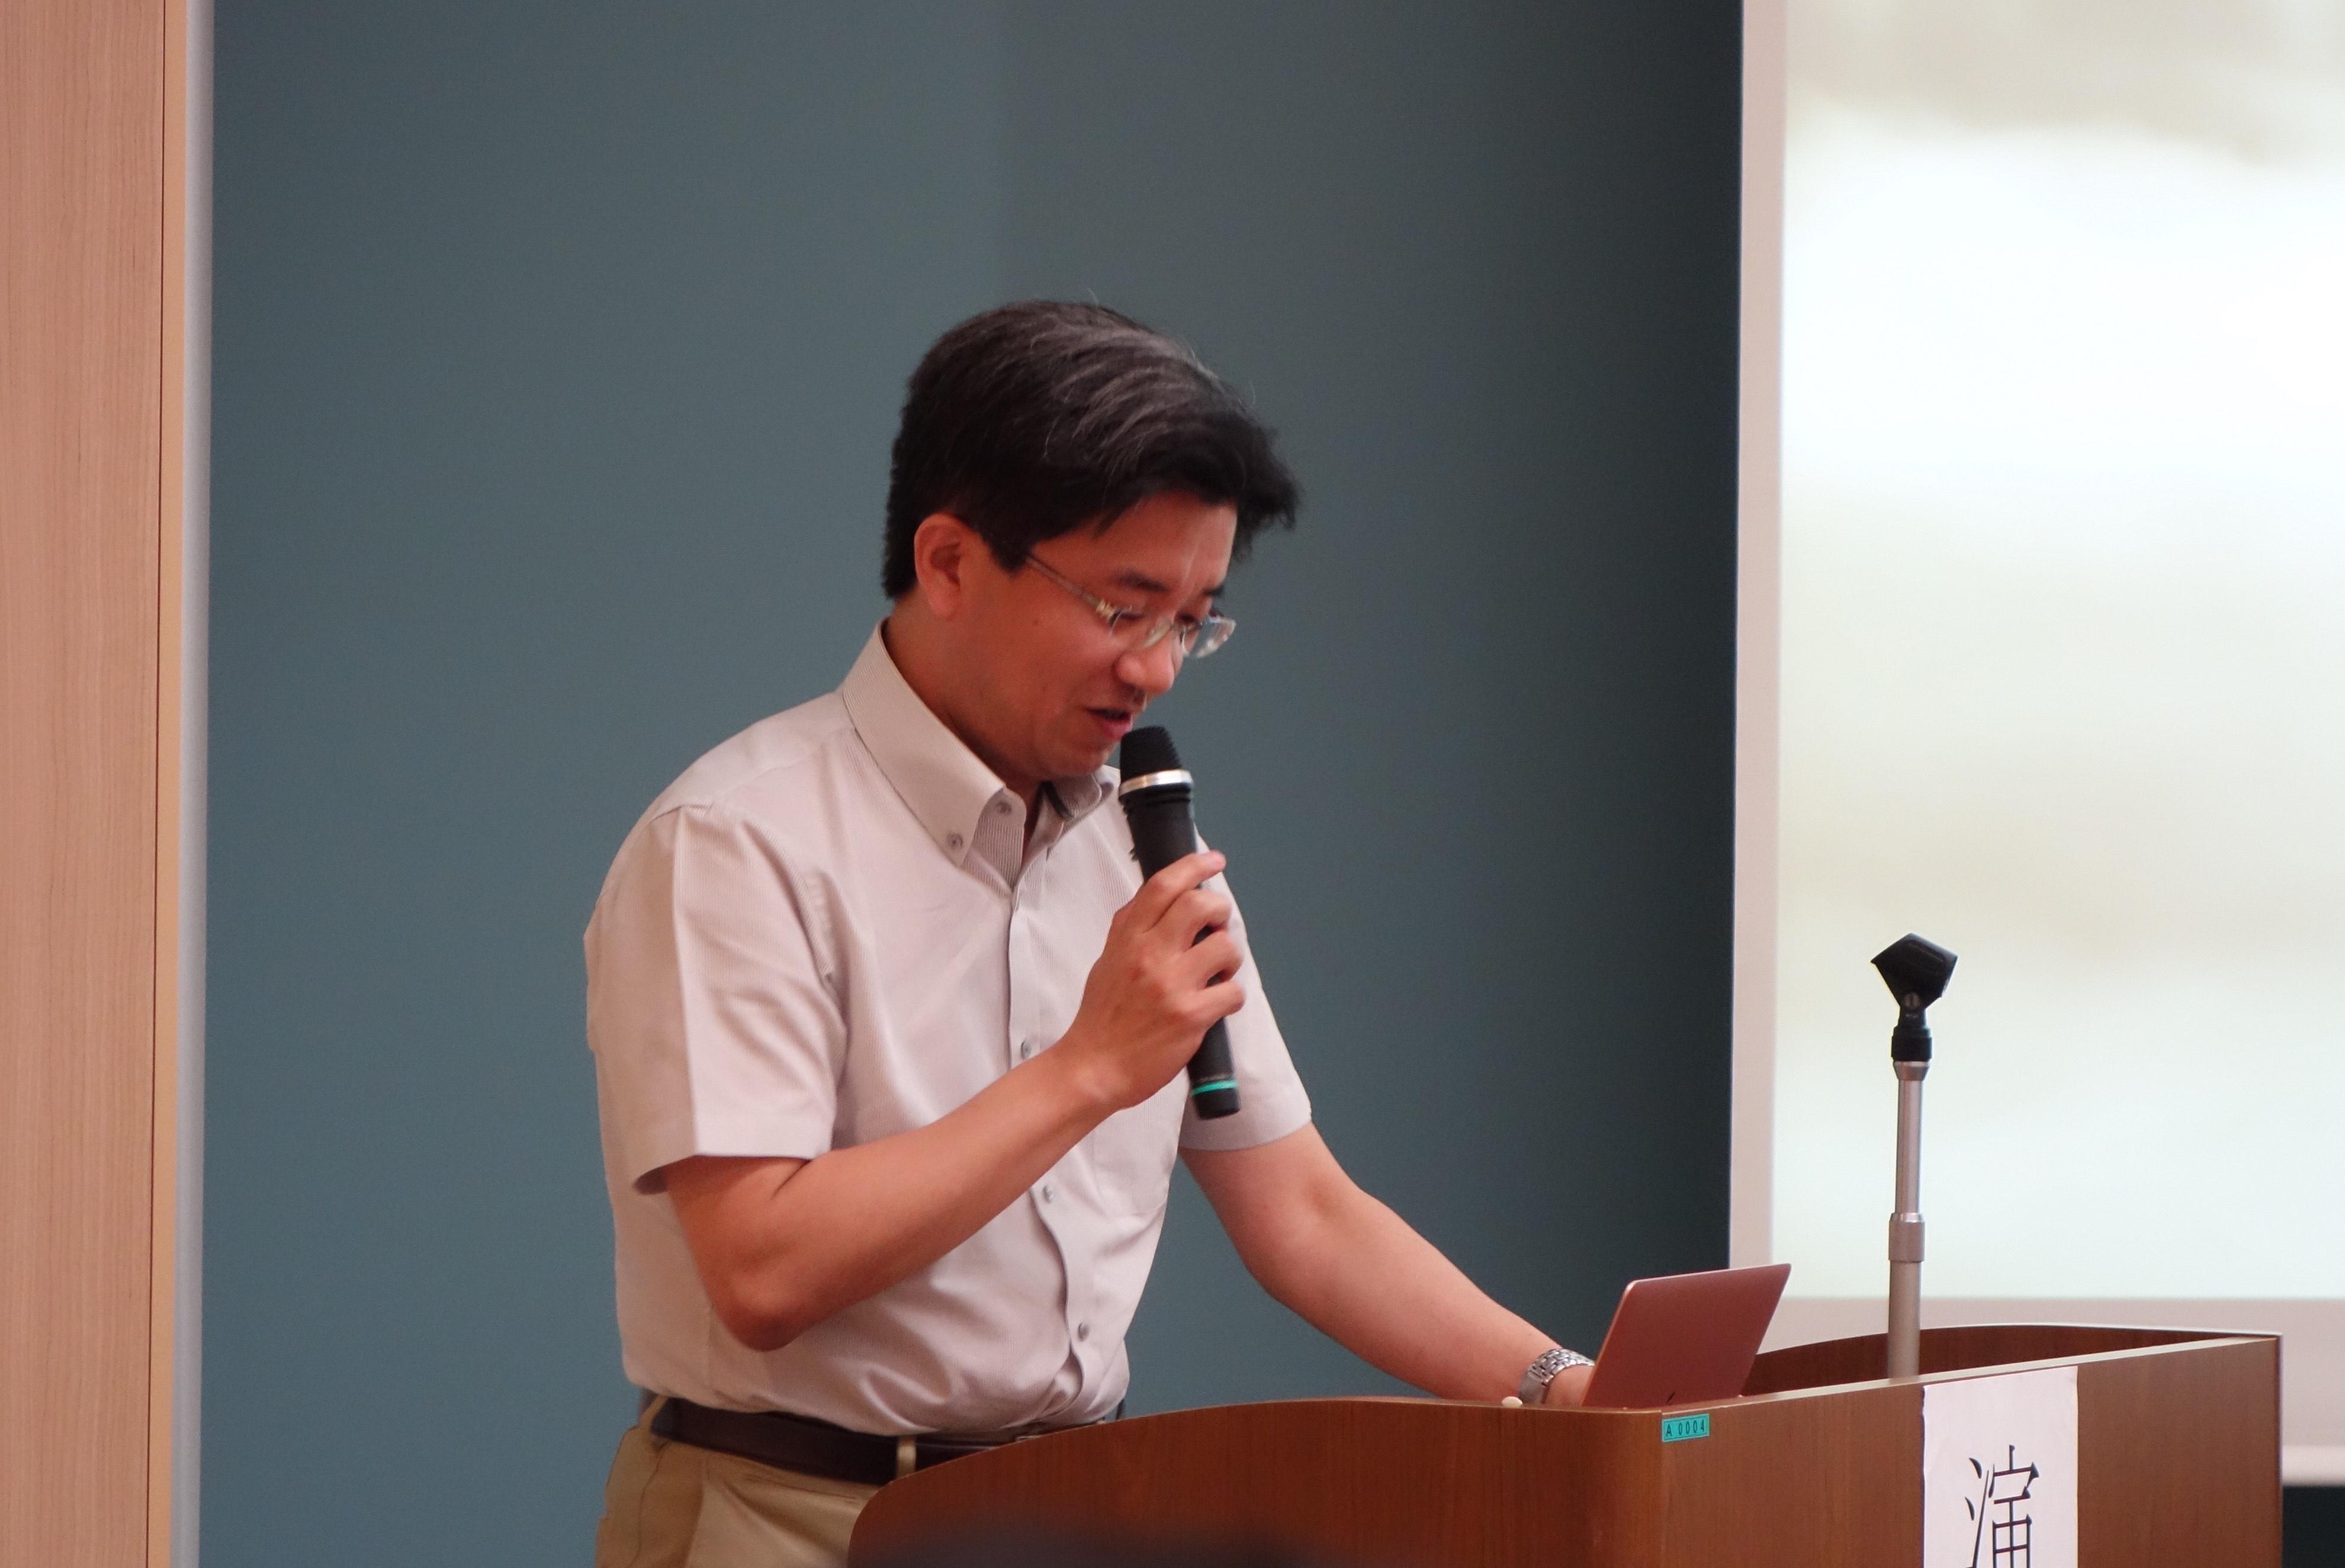 特別企画の講演を行う長谷川仁先生